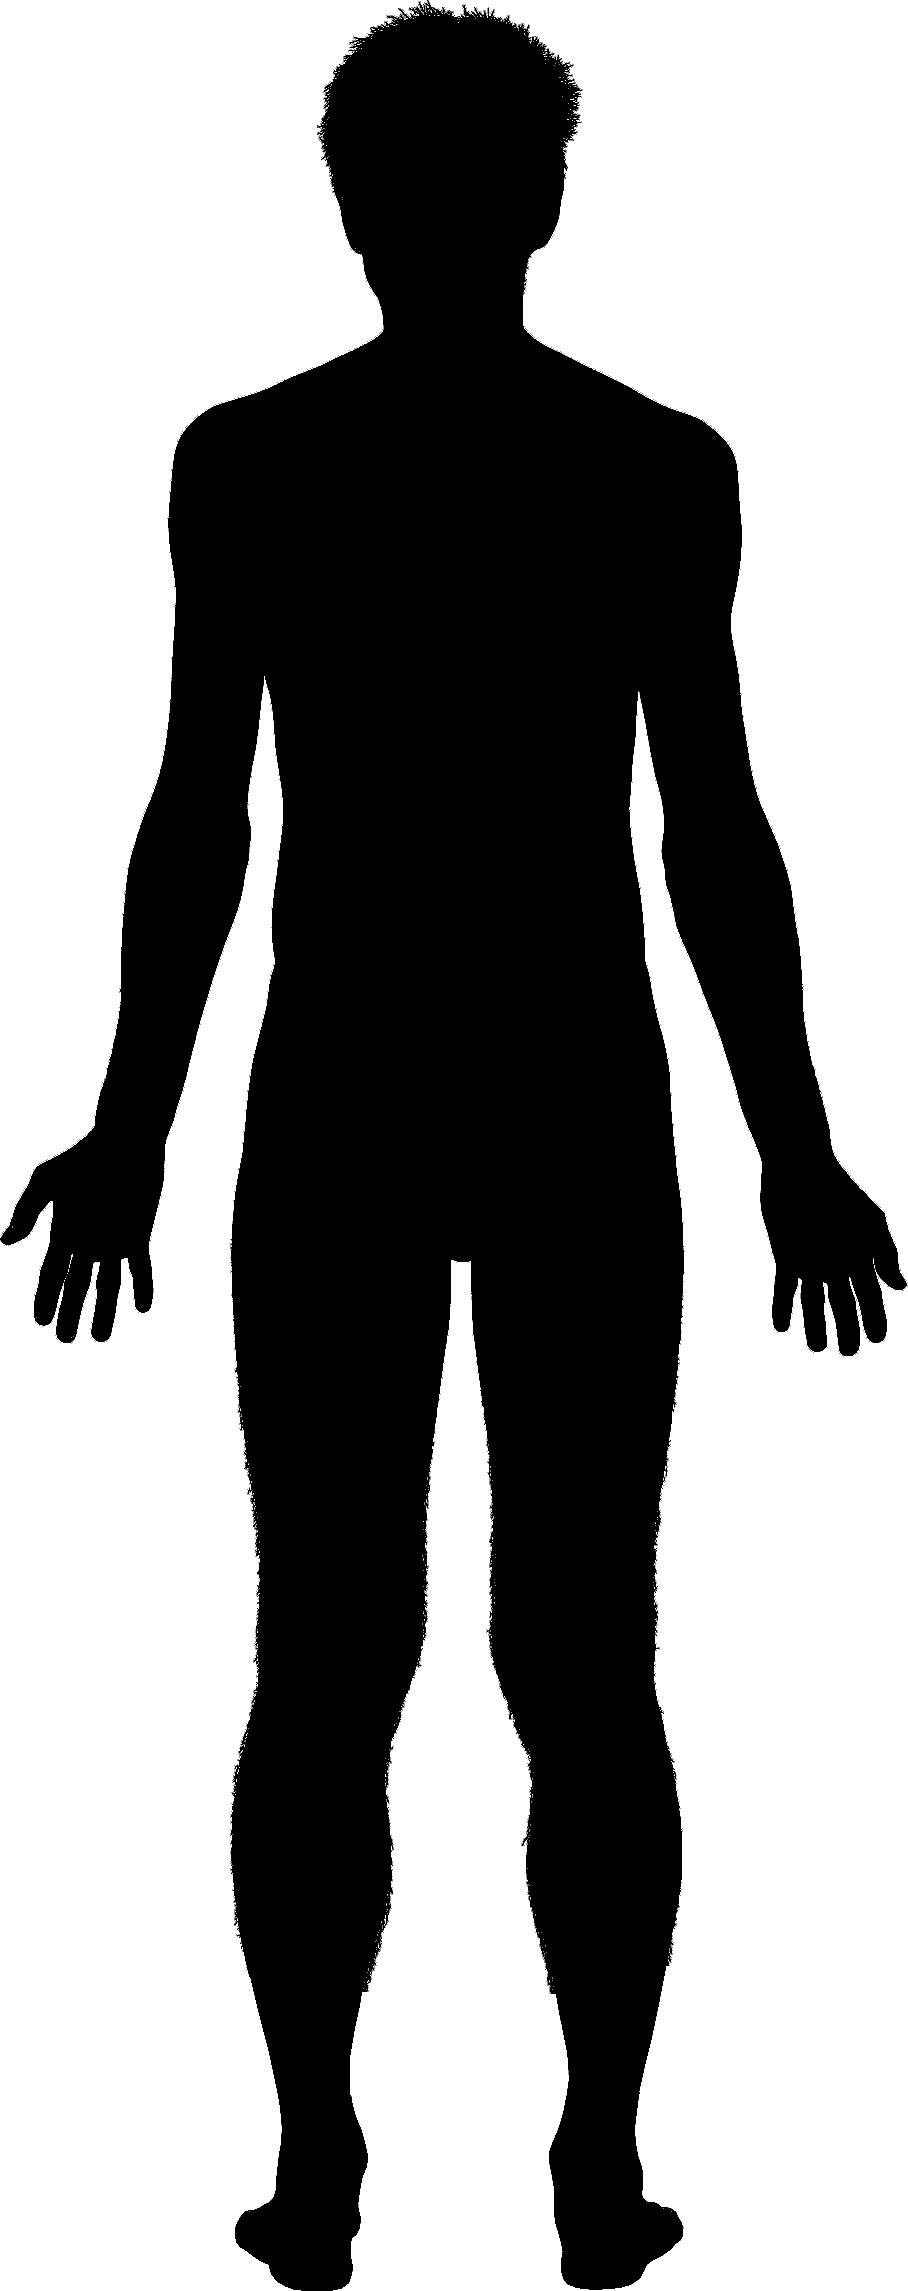 Body Silhouette Clip Art - Cliparts.co